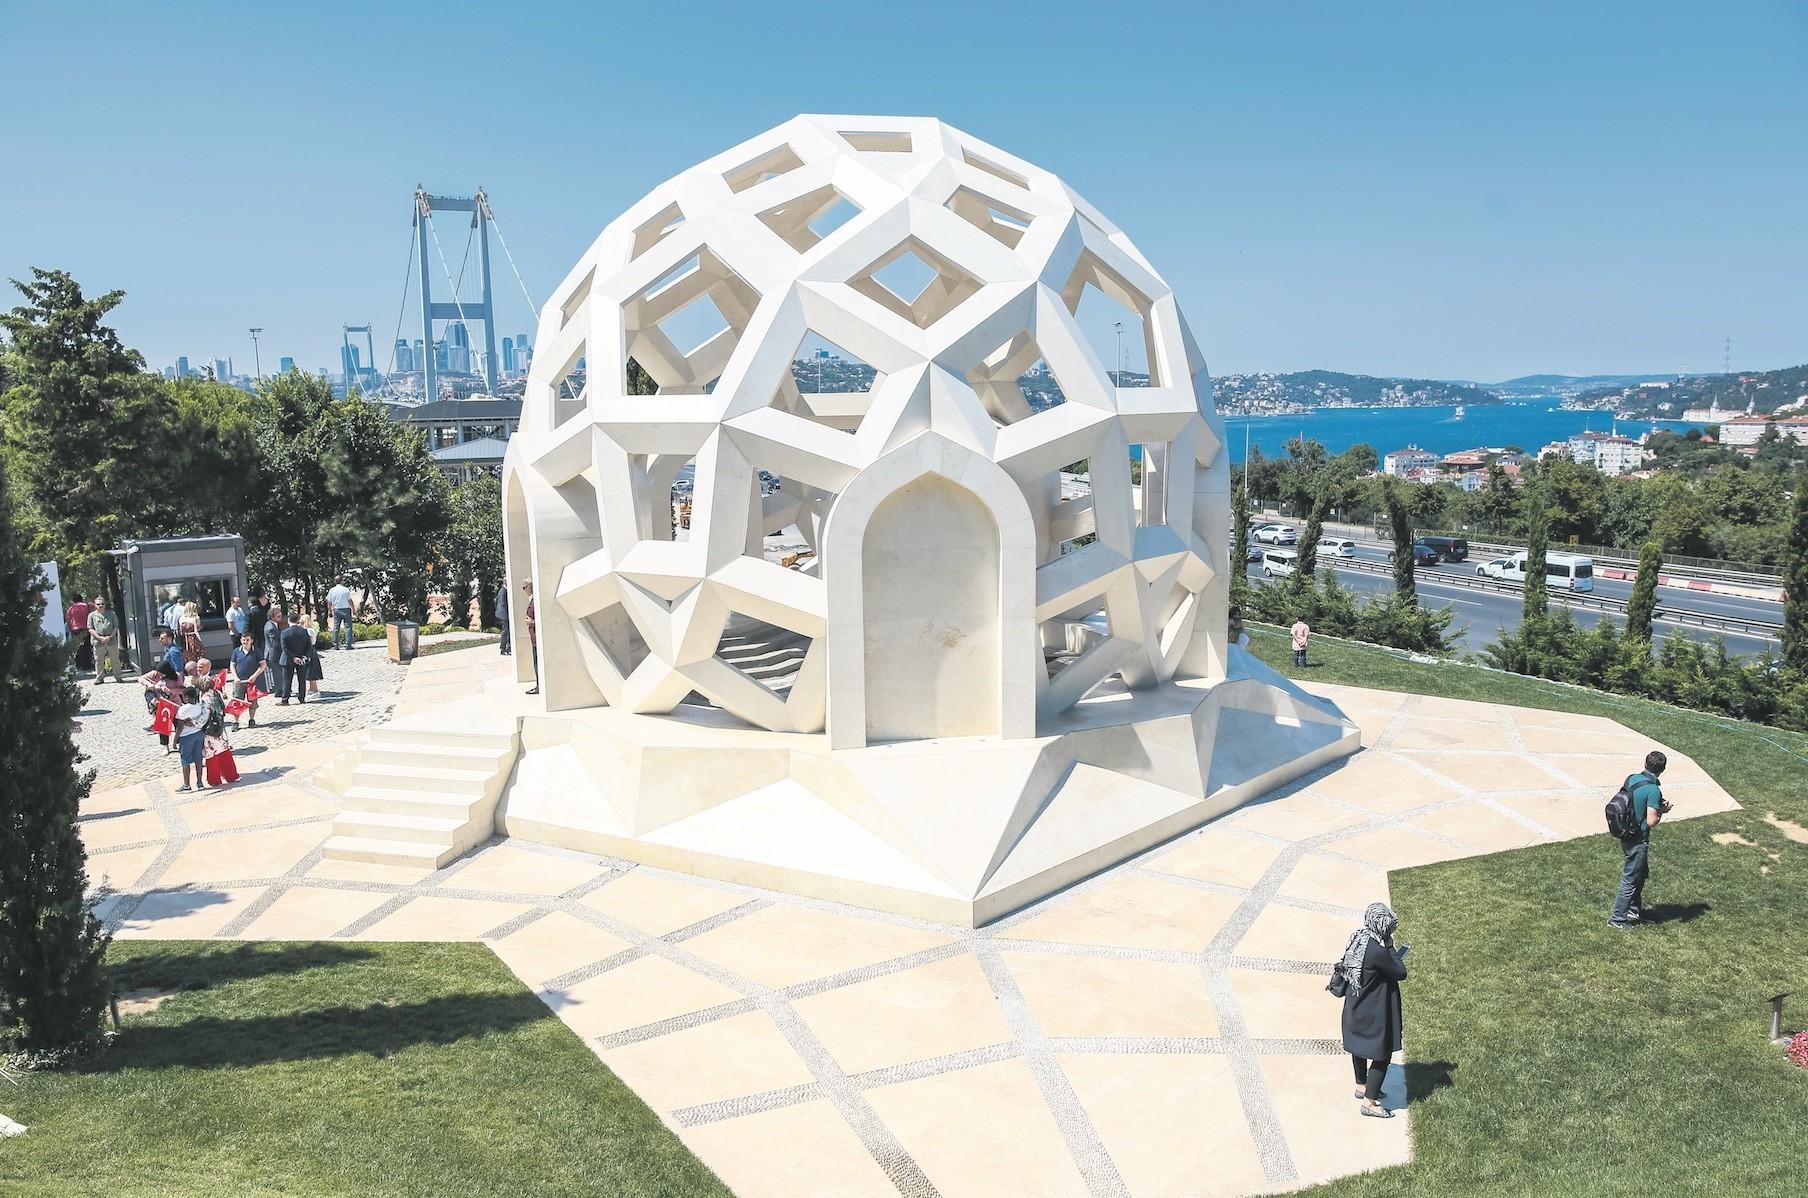 July 15 Martyrsu2019 Memorial near the July 15 Martyrsu2019 Bridge will host commemoration events.